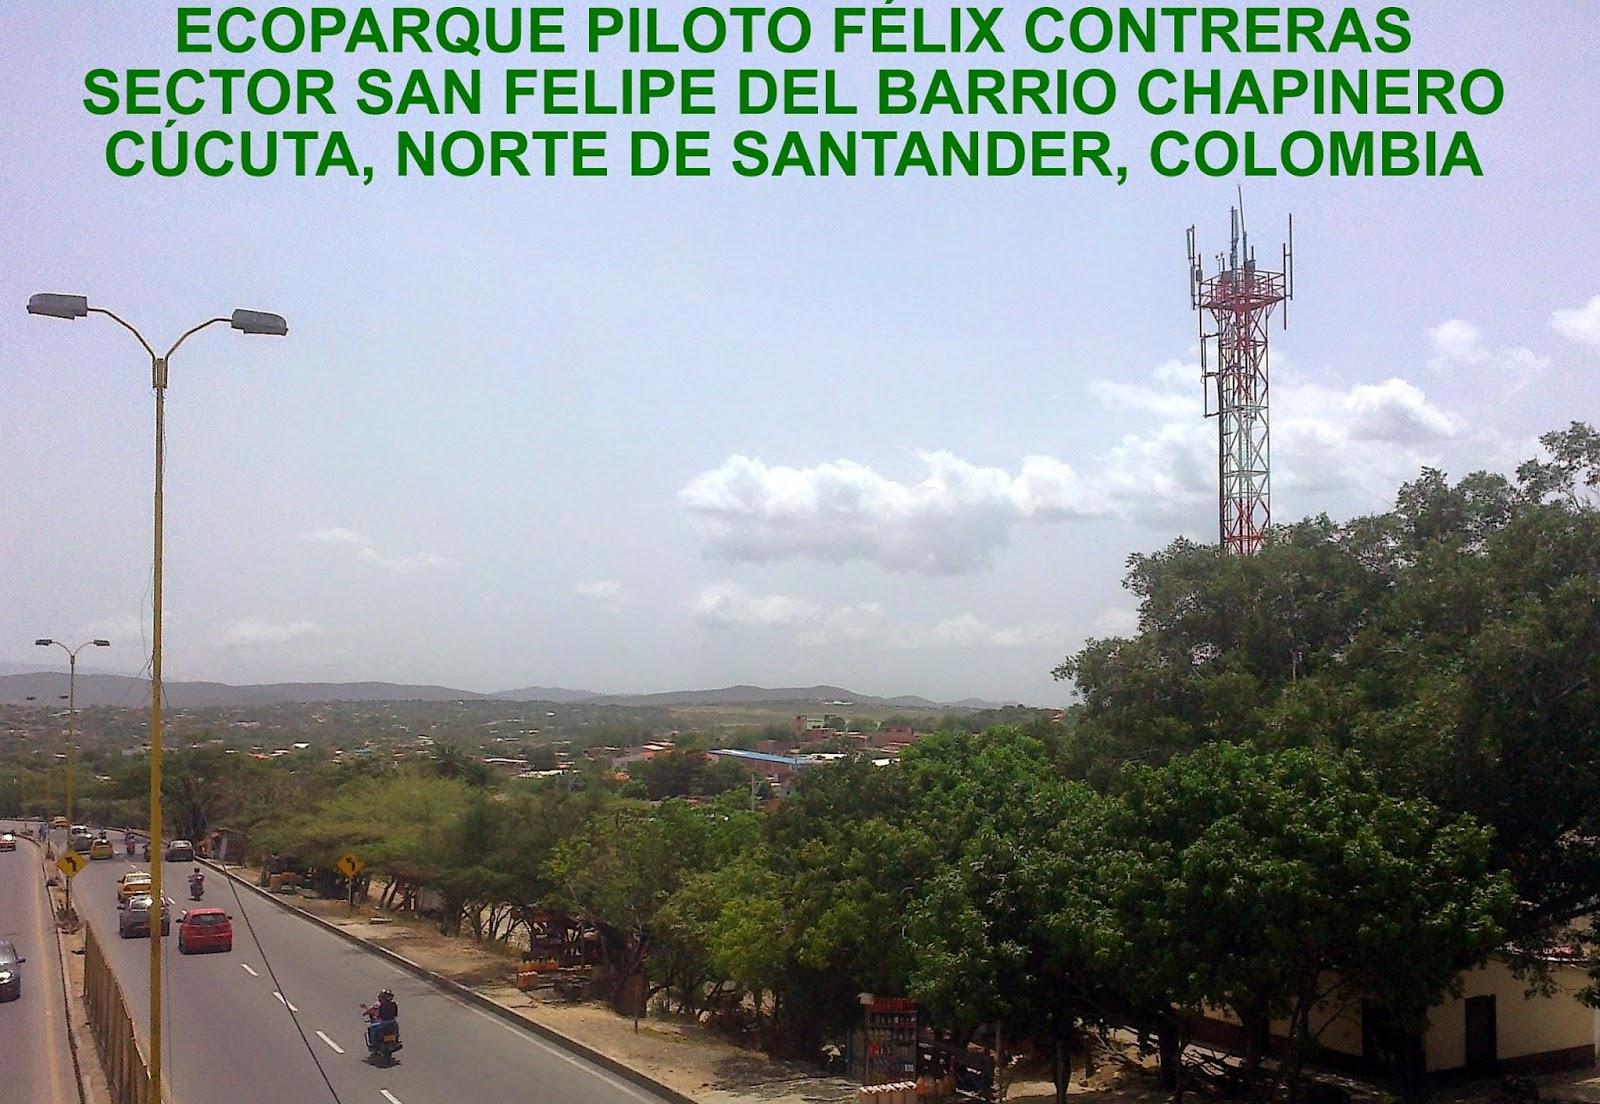 Proyecto Ecoparque piloto Félix Contreras en Chapinero de Cúcuta-Colombia Bienvenidos!